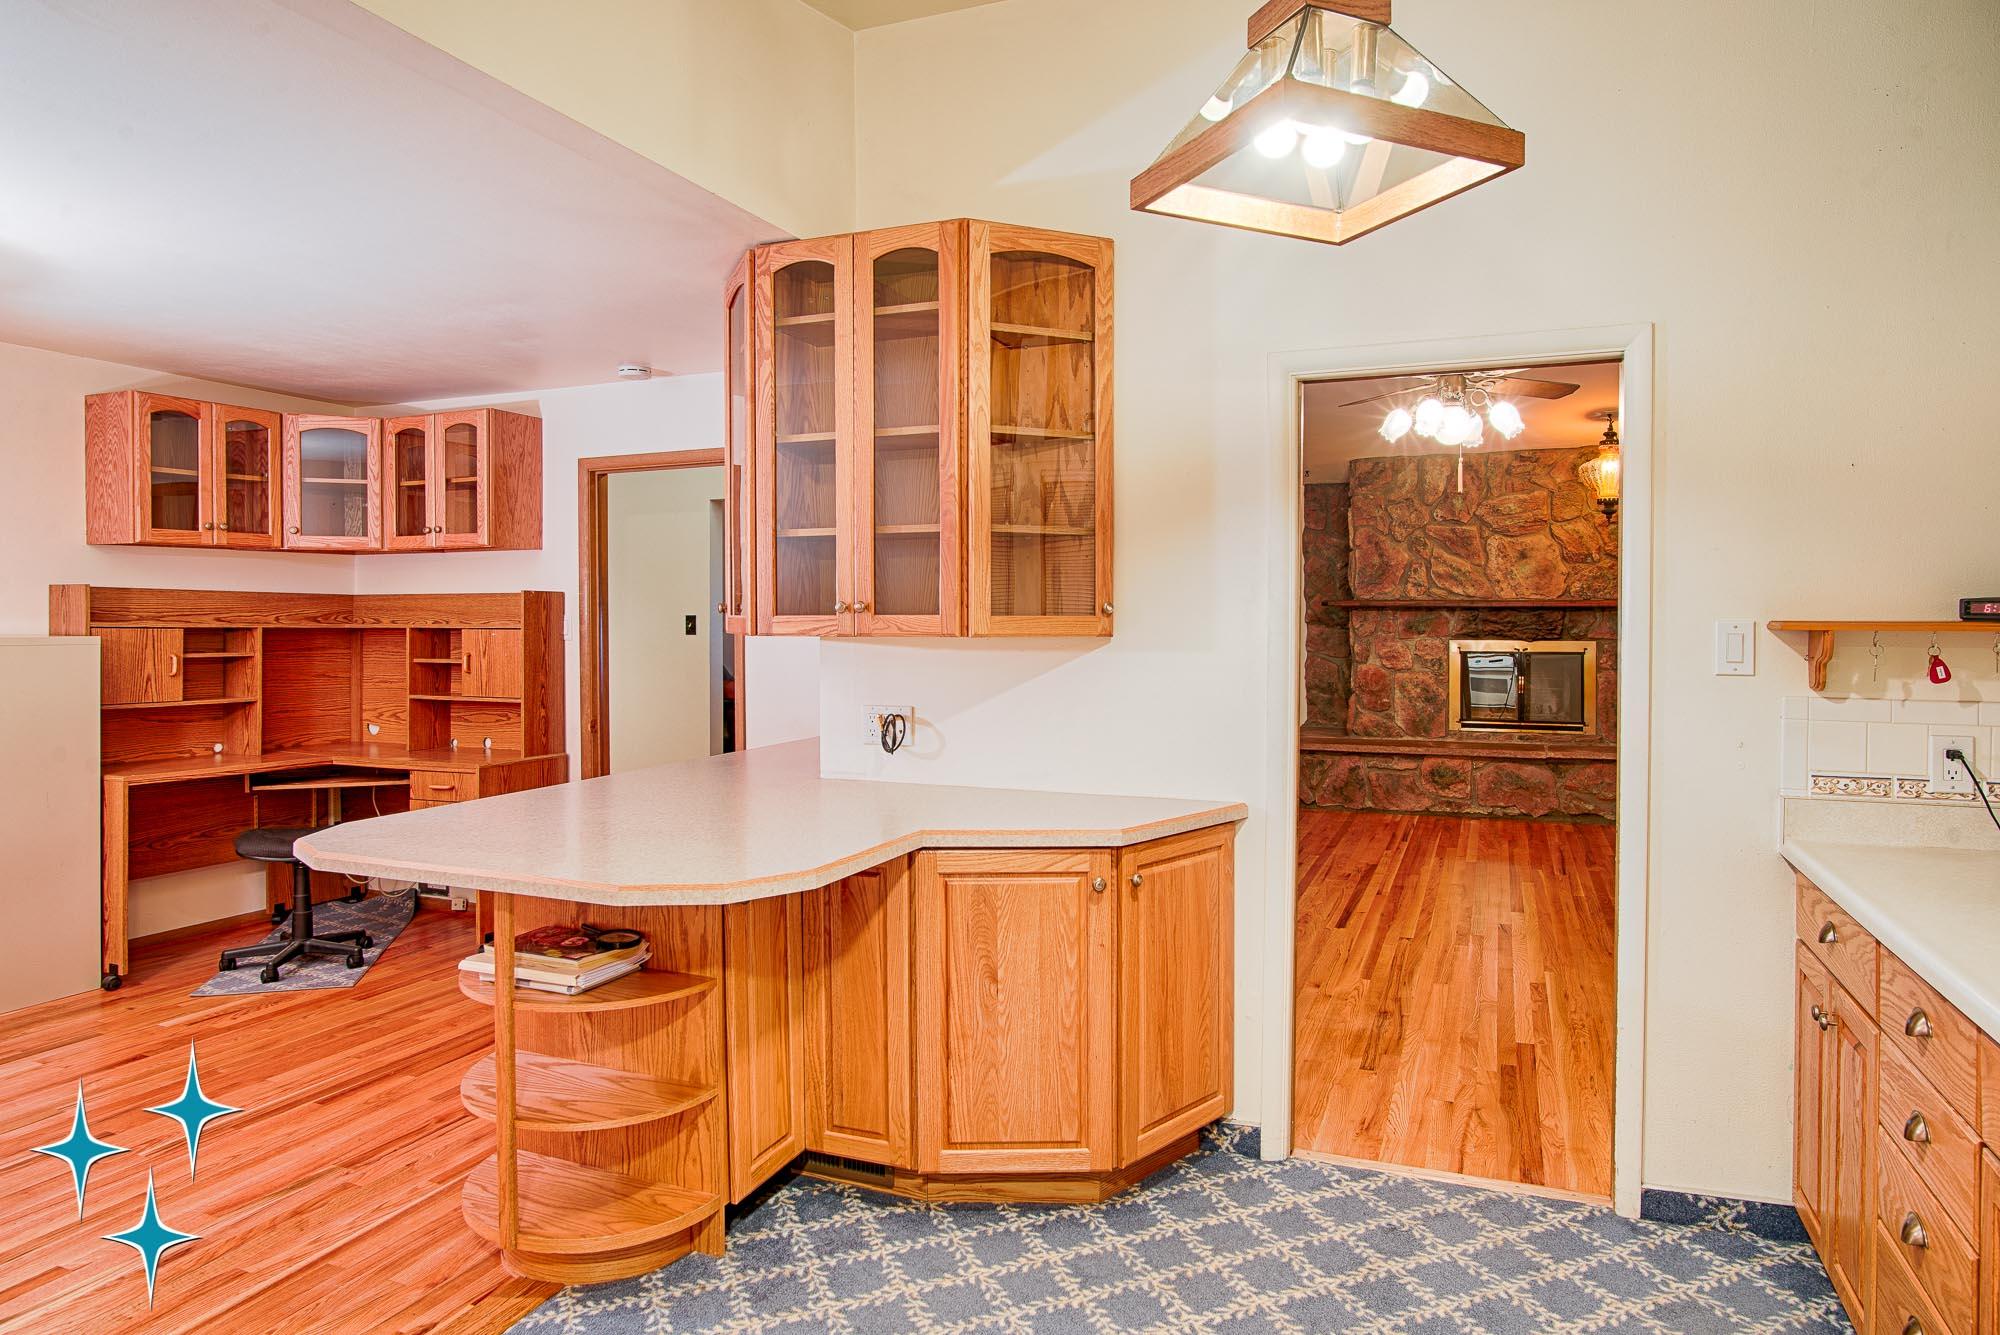 Adrian-Kinney-4155-W-Iliff-Avenue-Denver-r-Carey-Holiday-Home-2000w50-3SWM-13.jpg